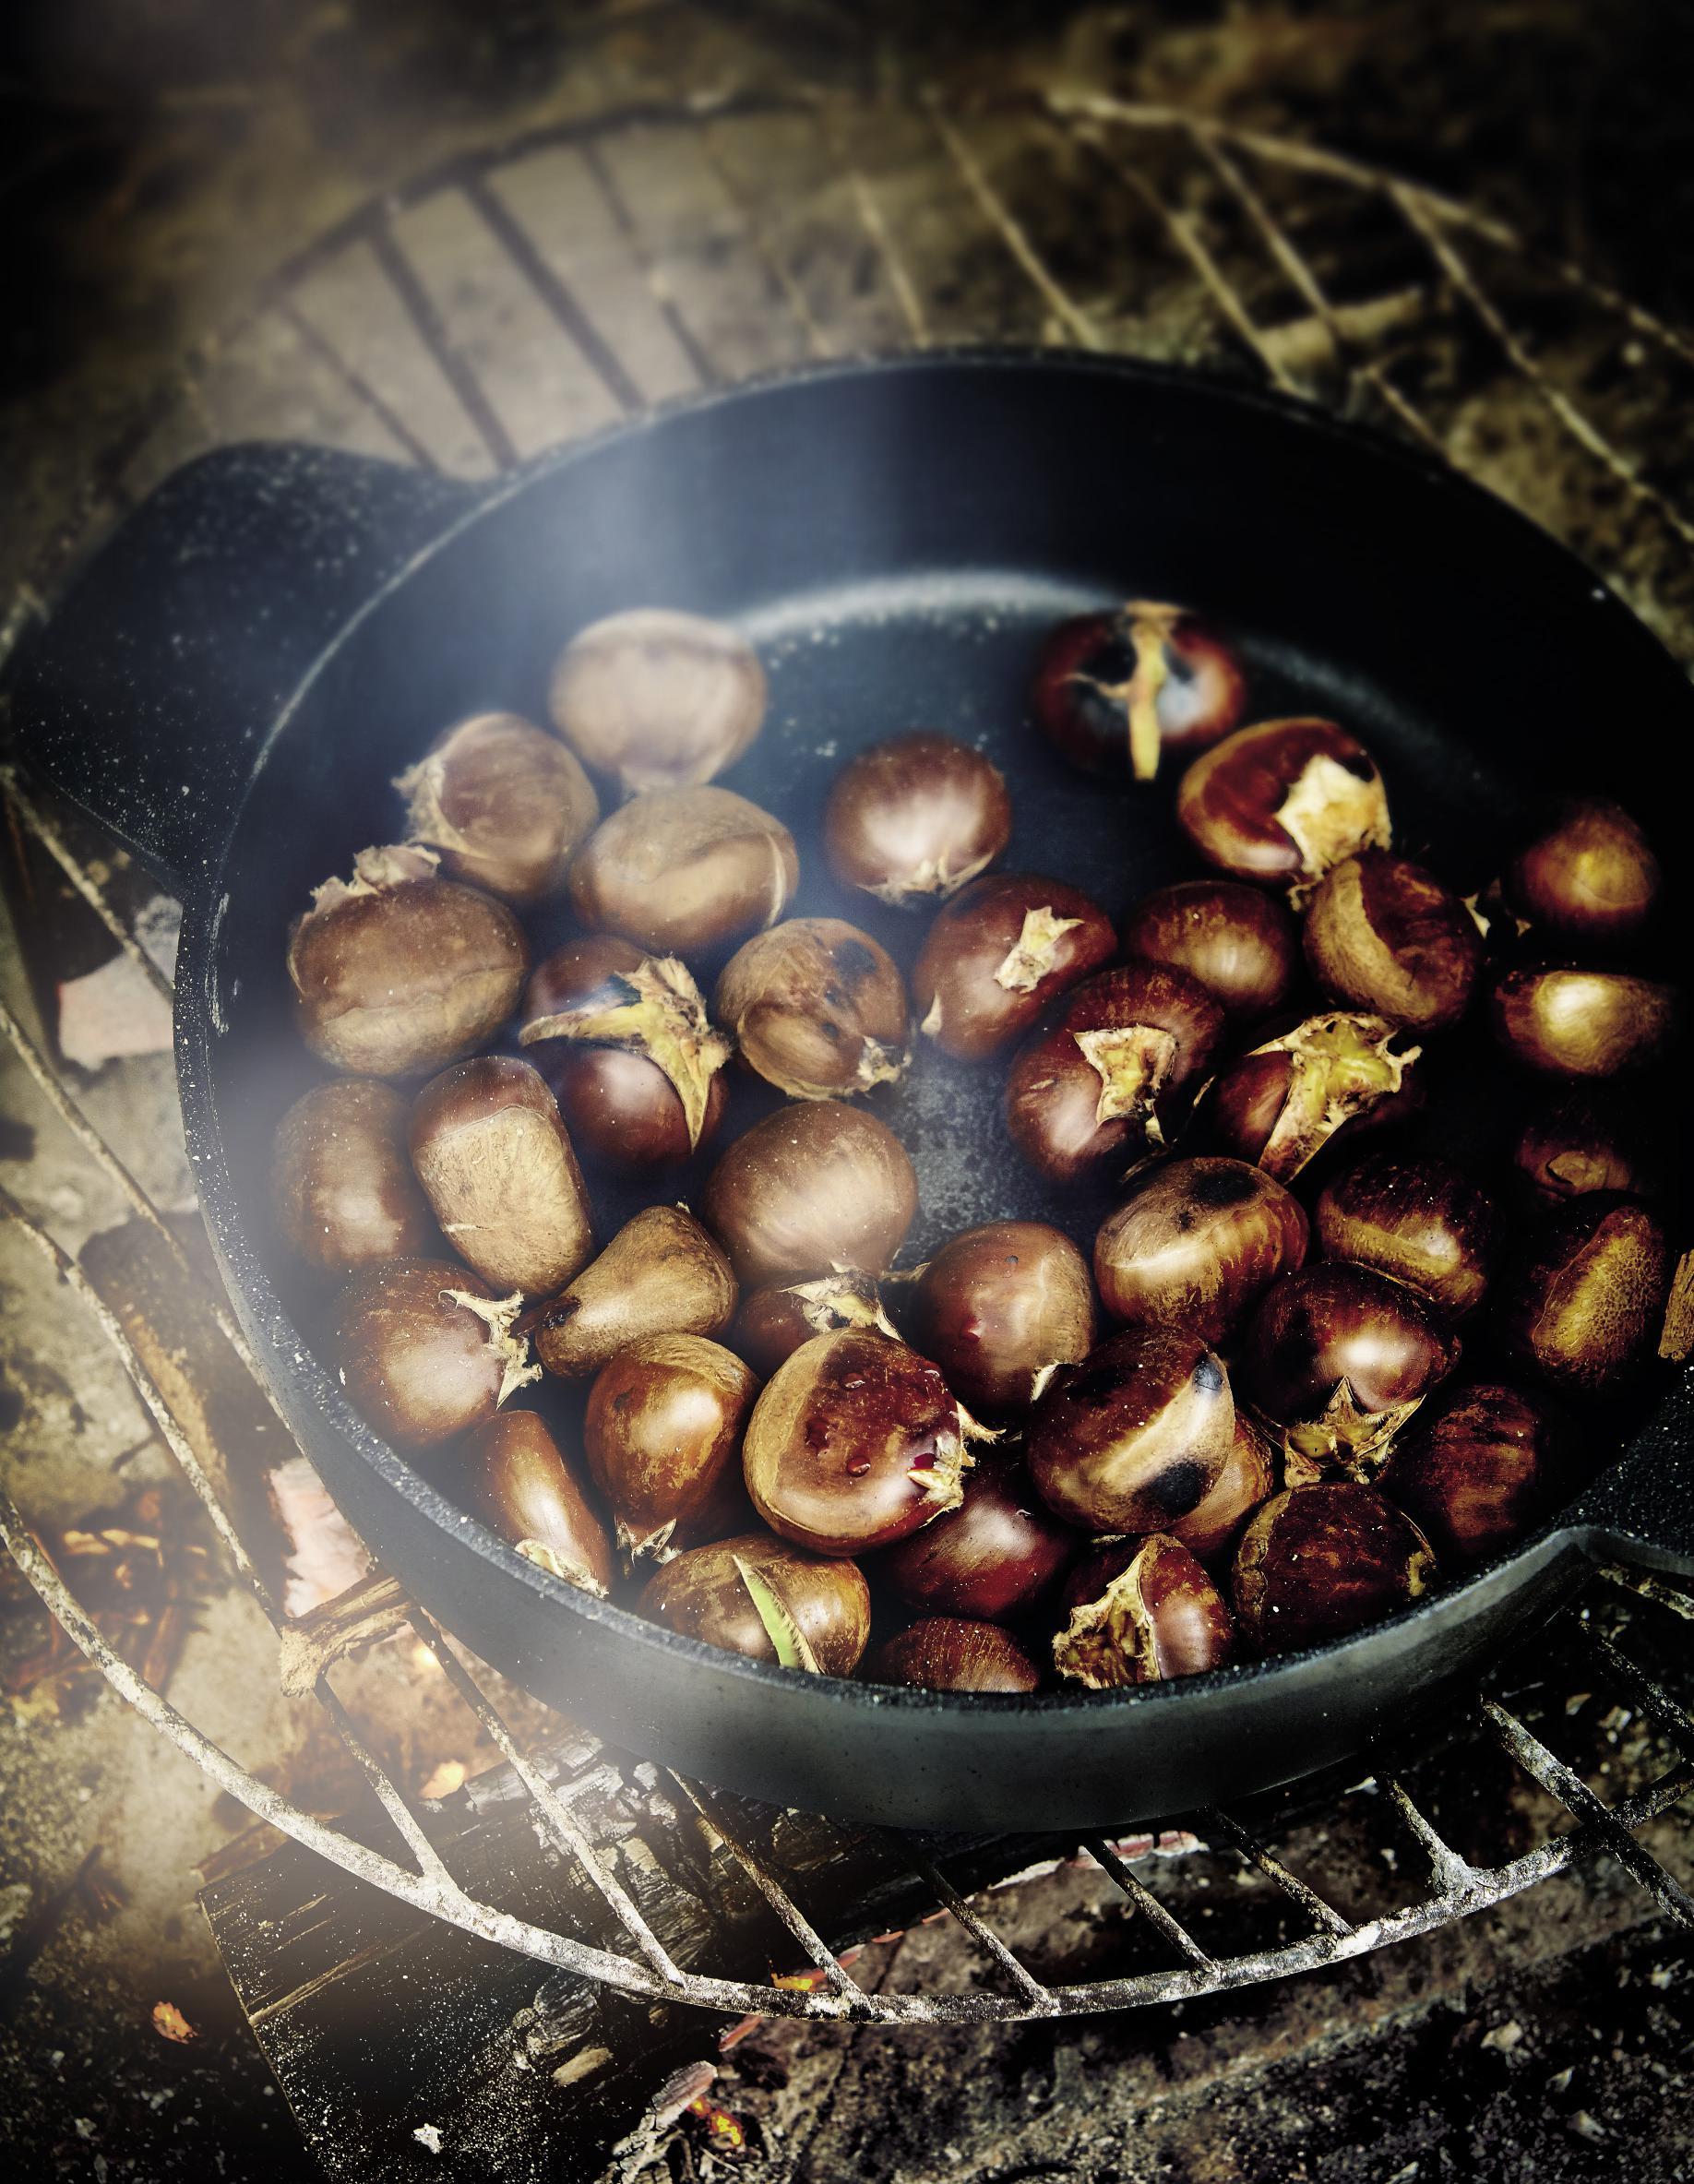 Faire Cuire Des Marrons : faire, cuire, marrons, Châtaignes, Grillées, Personnes, Recettes, Table